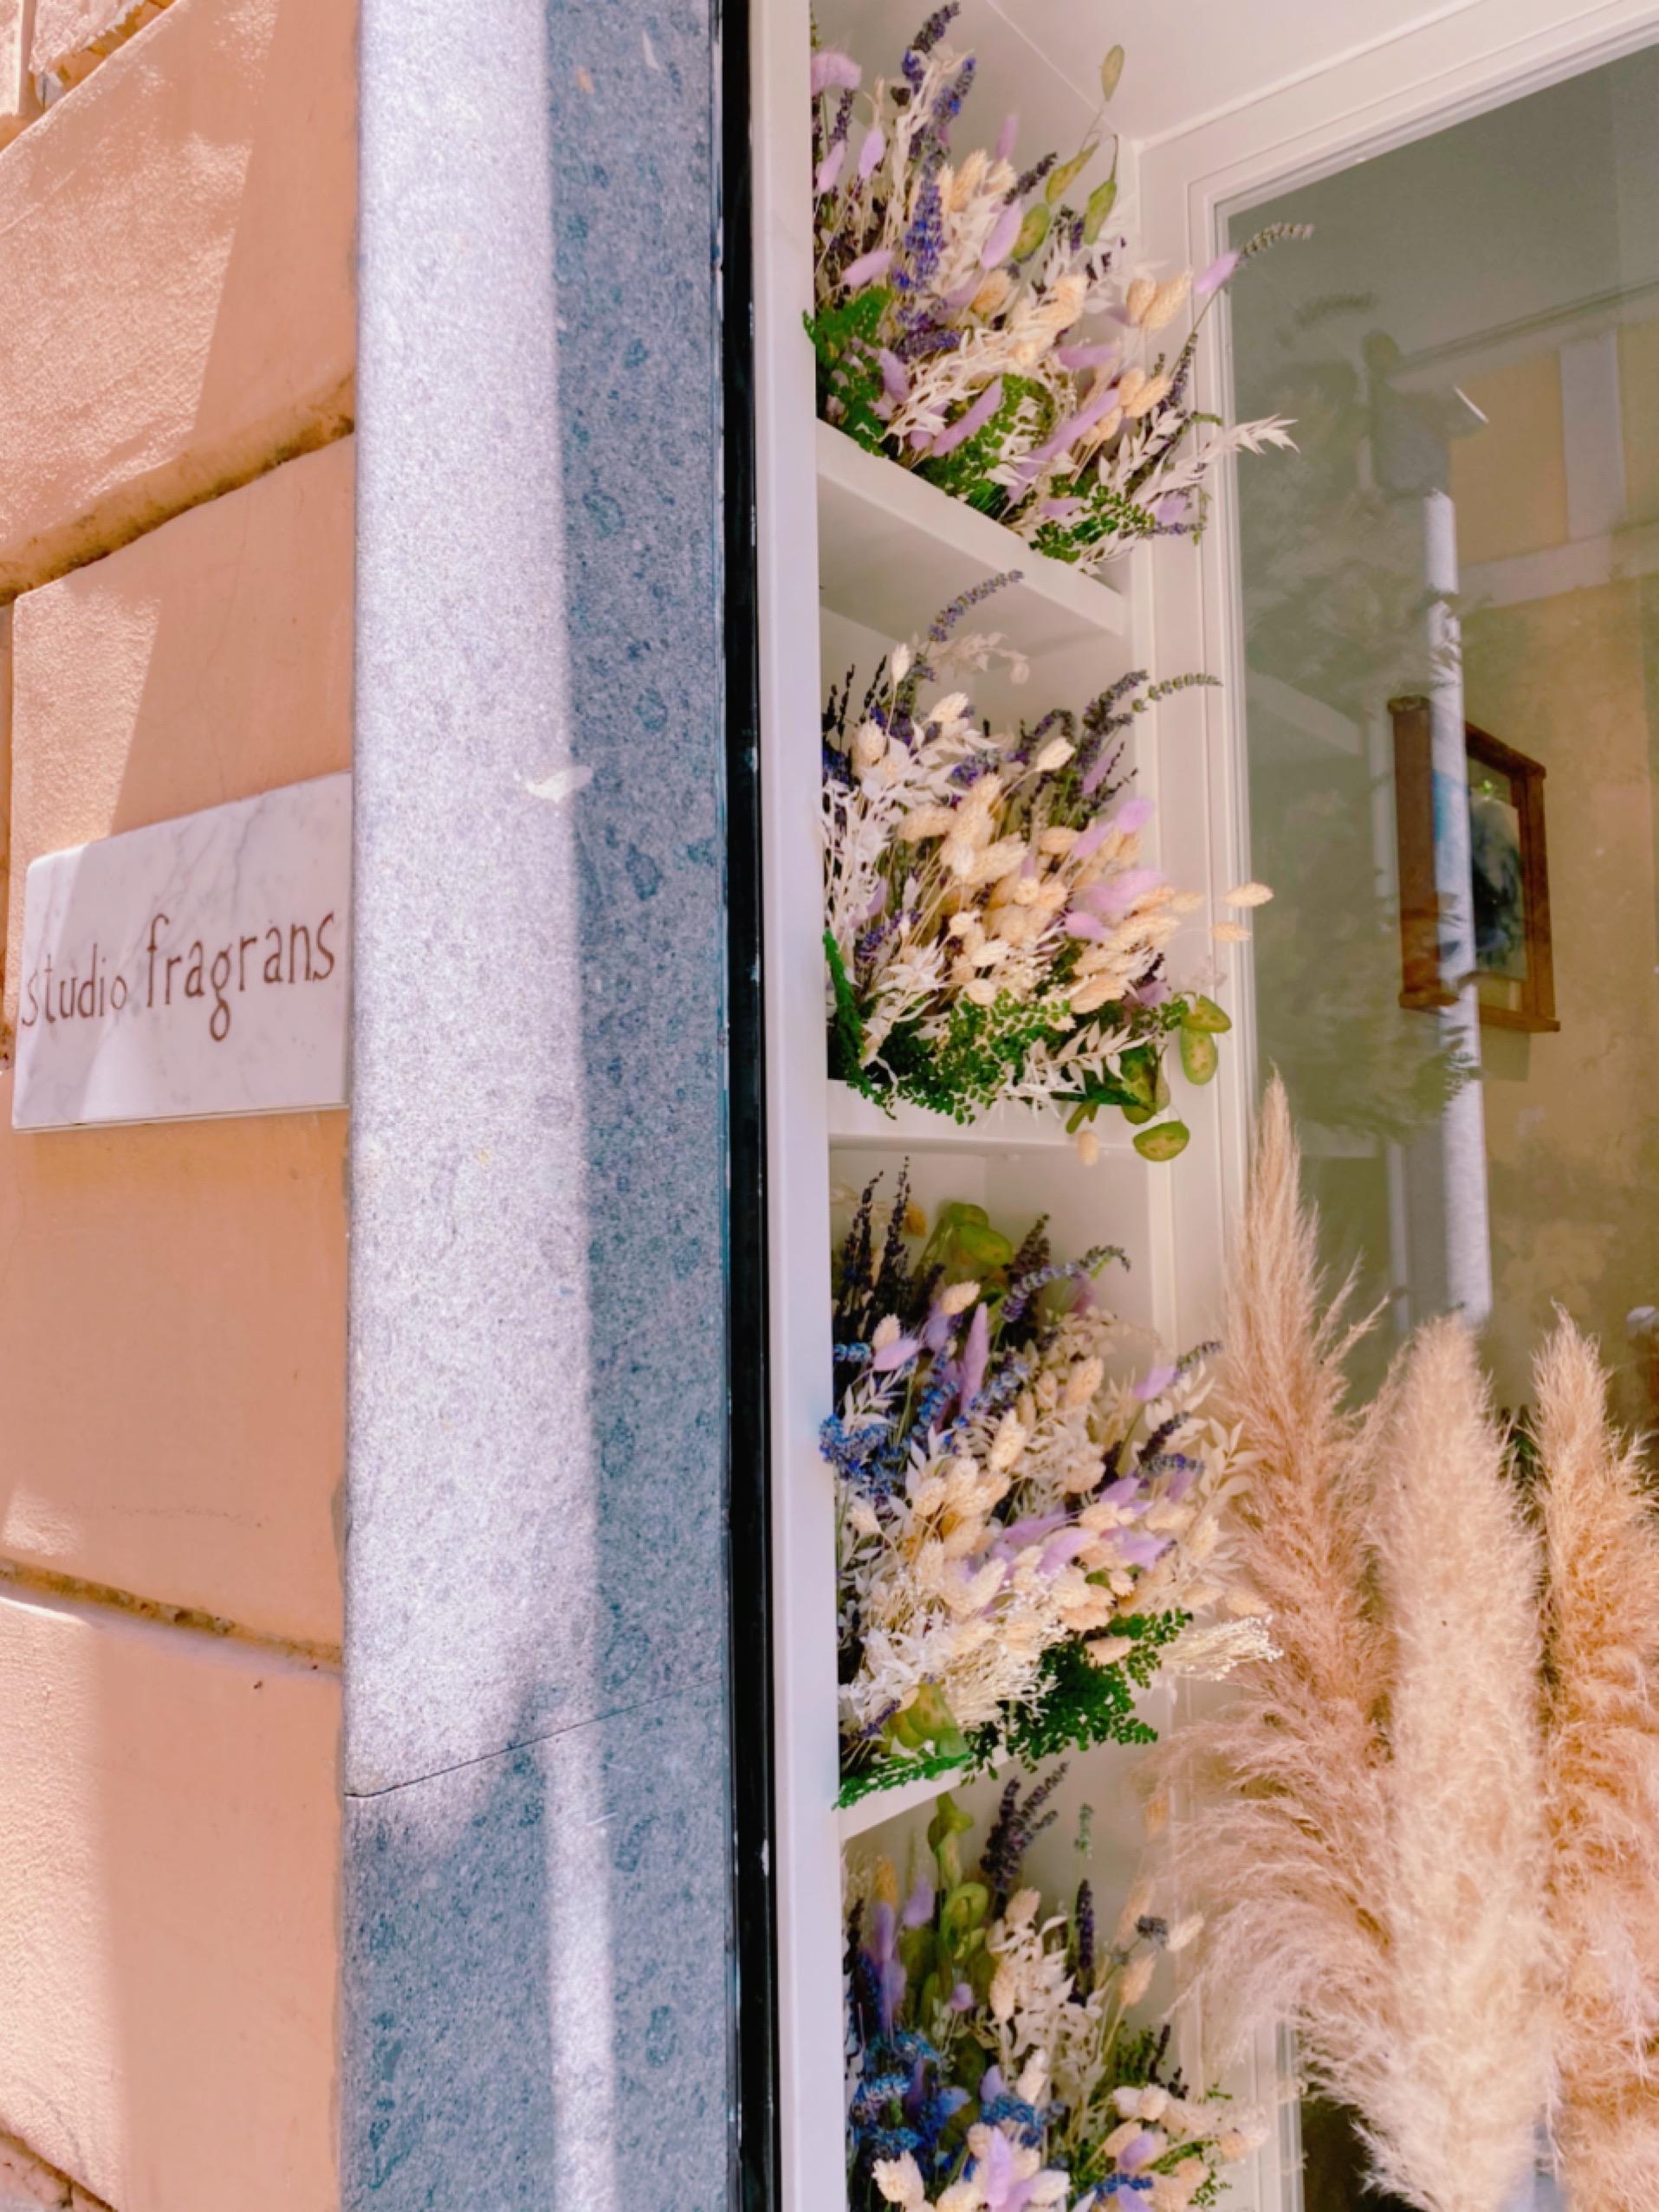 allestimento fiori secchi negozio via margutta roma